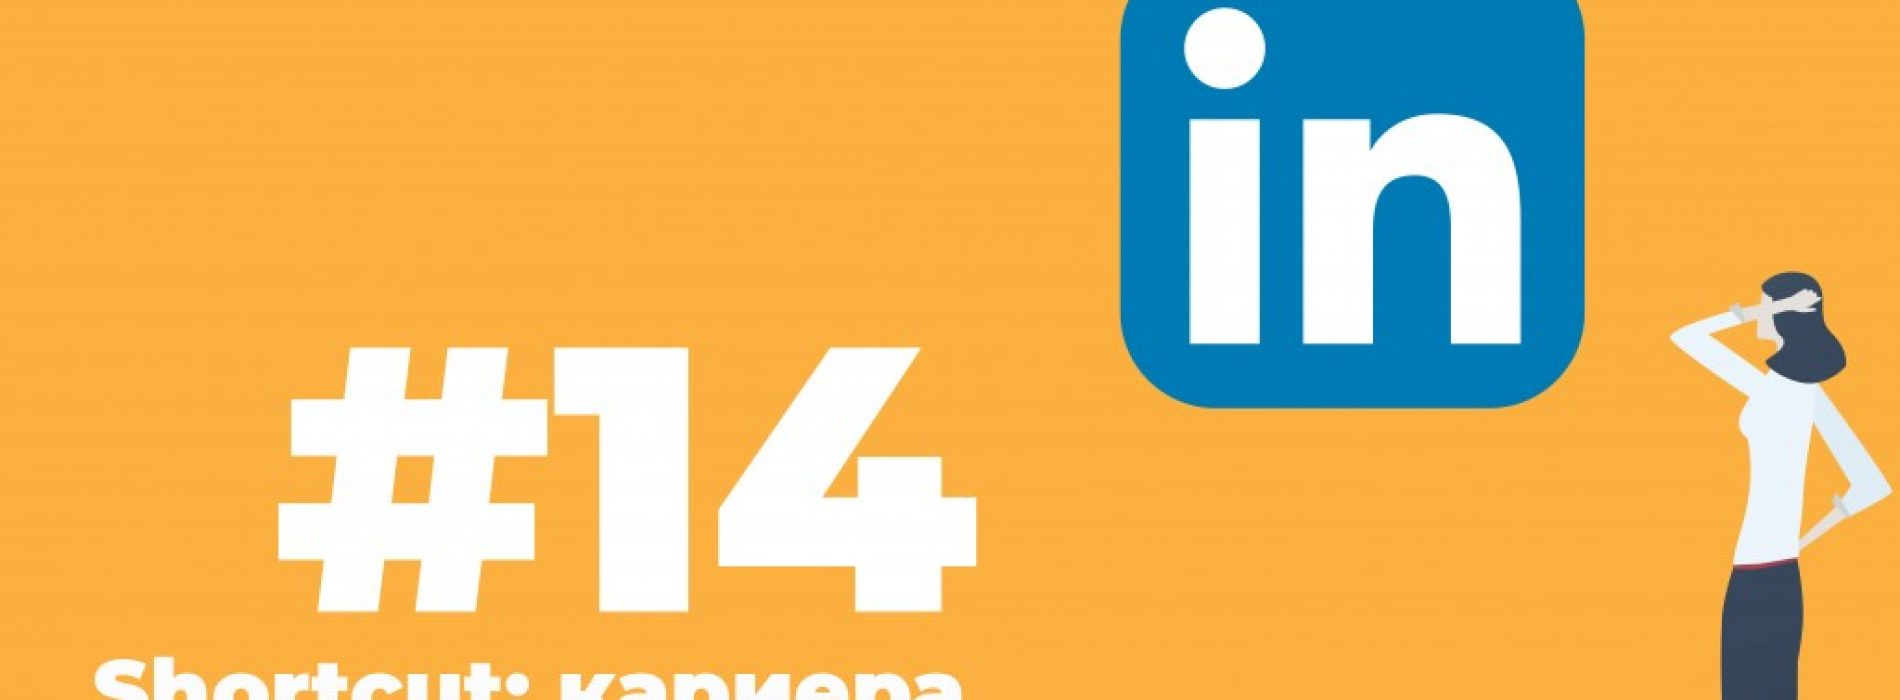 Нямаш трудов опит? Виж как да си създадеш впечатляващ профил в LinkedIn!